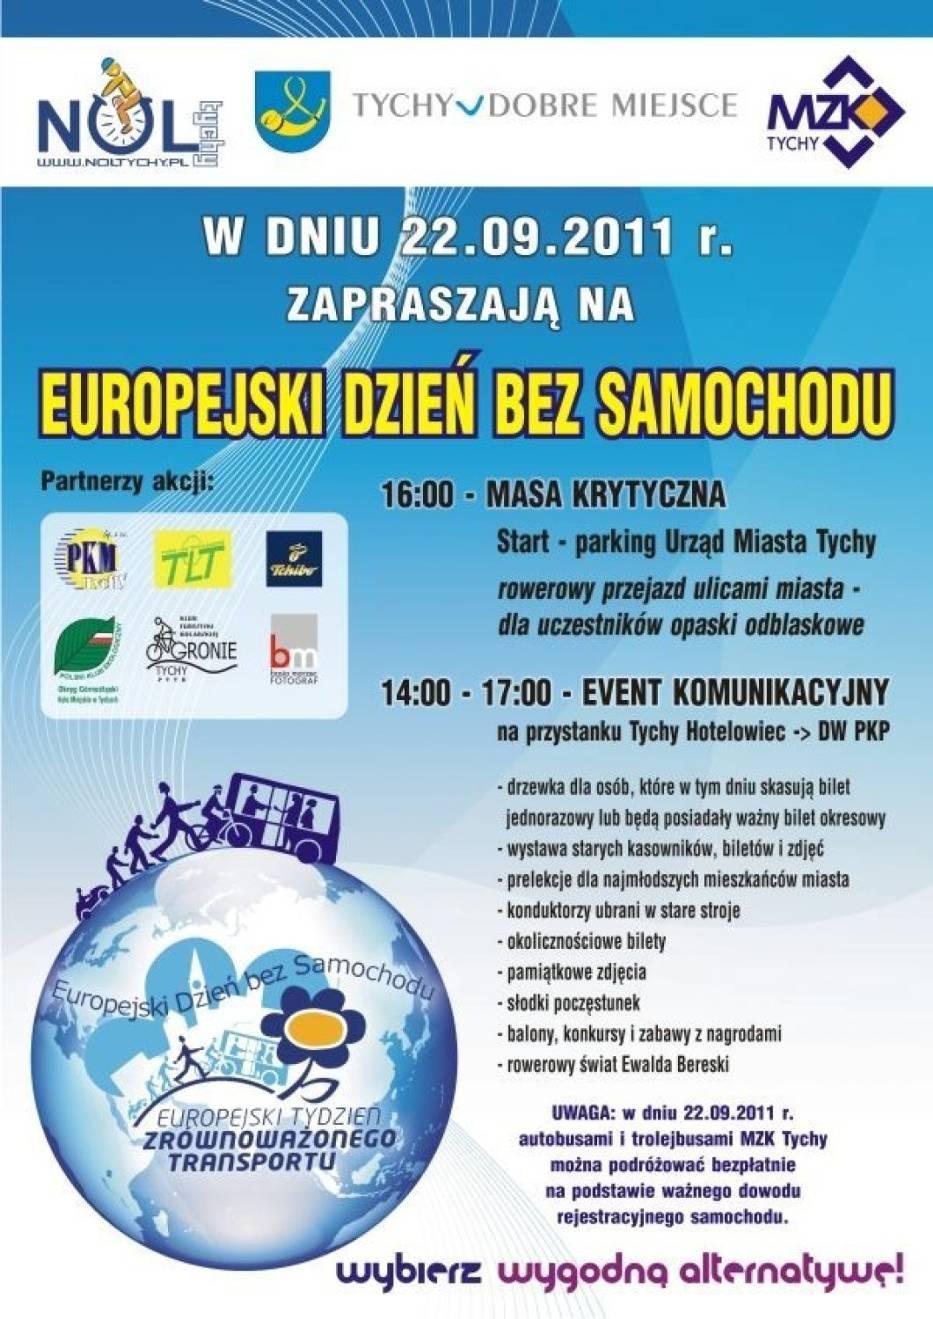 Plakat promujący tegoroczny Europejski Dzień Bez Samochodu w Tychach